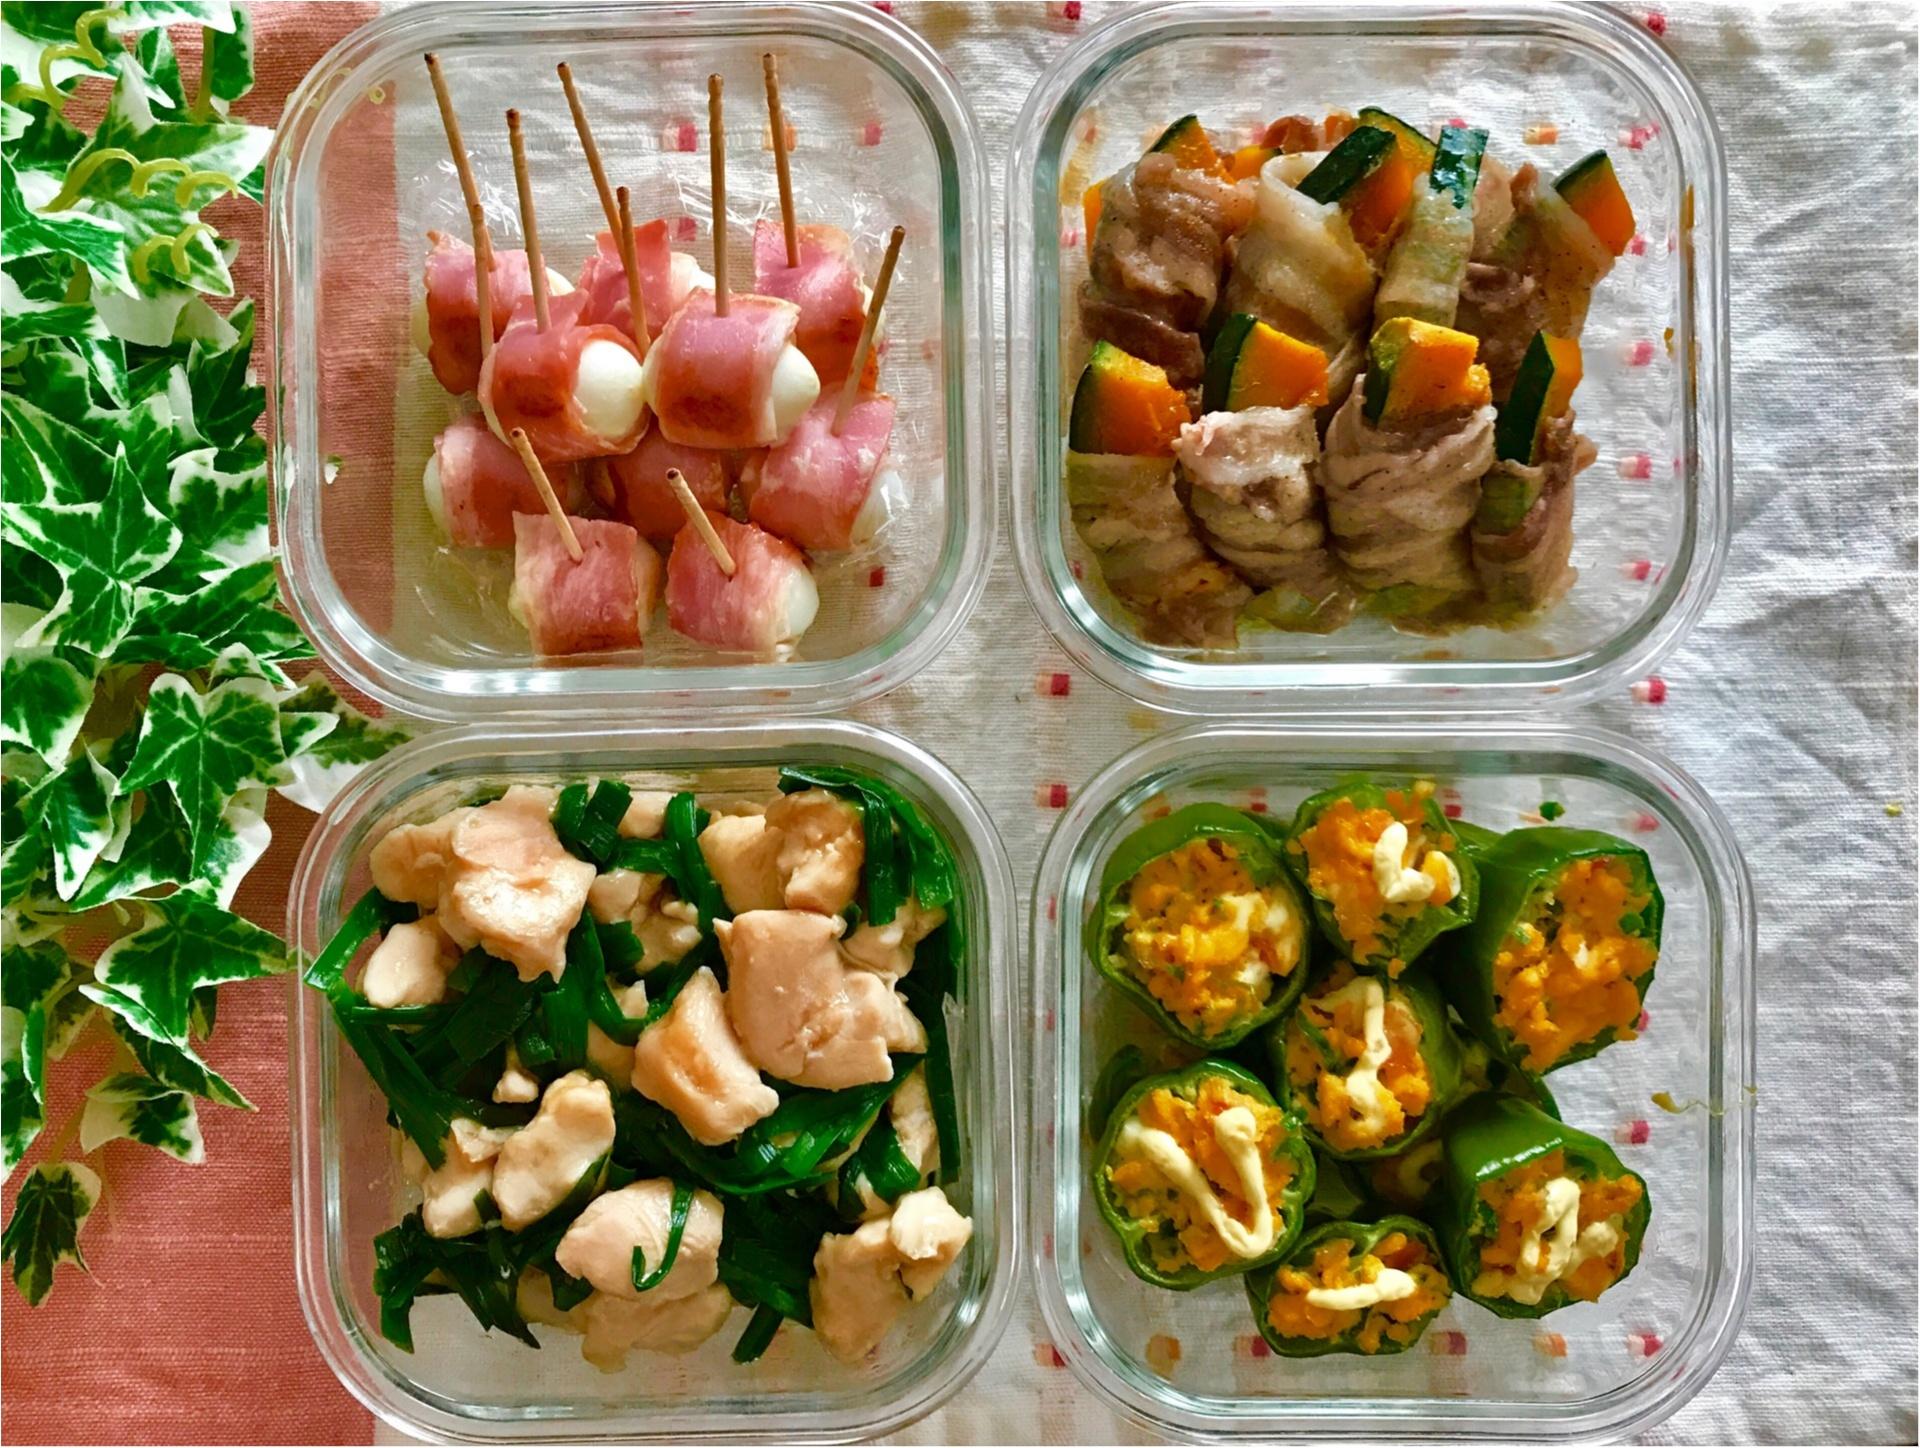 【作り置きおかず】お弁当作りに大活躍!超簡単★常備菜レシピをご紹介♡〜第34弾〜_1